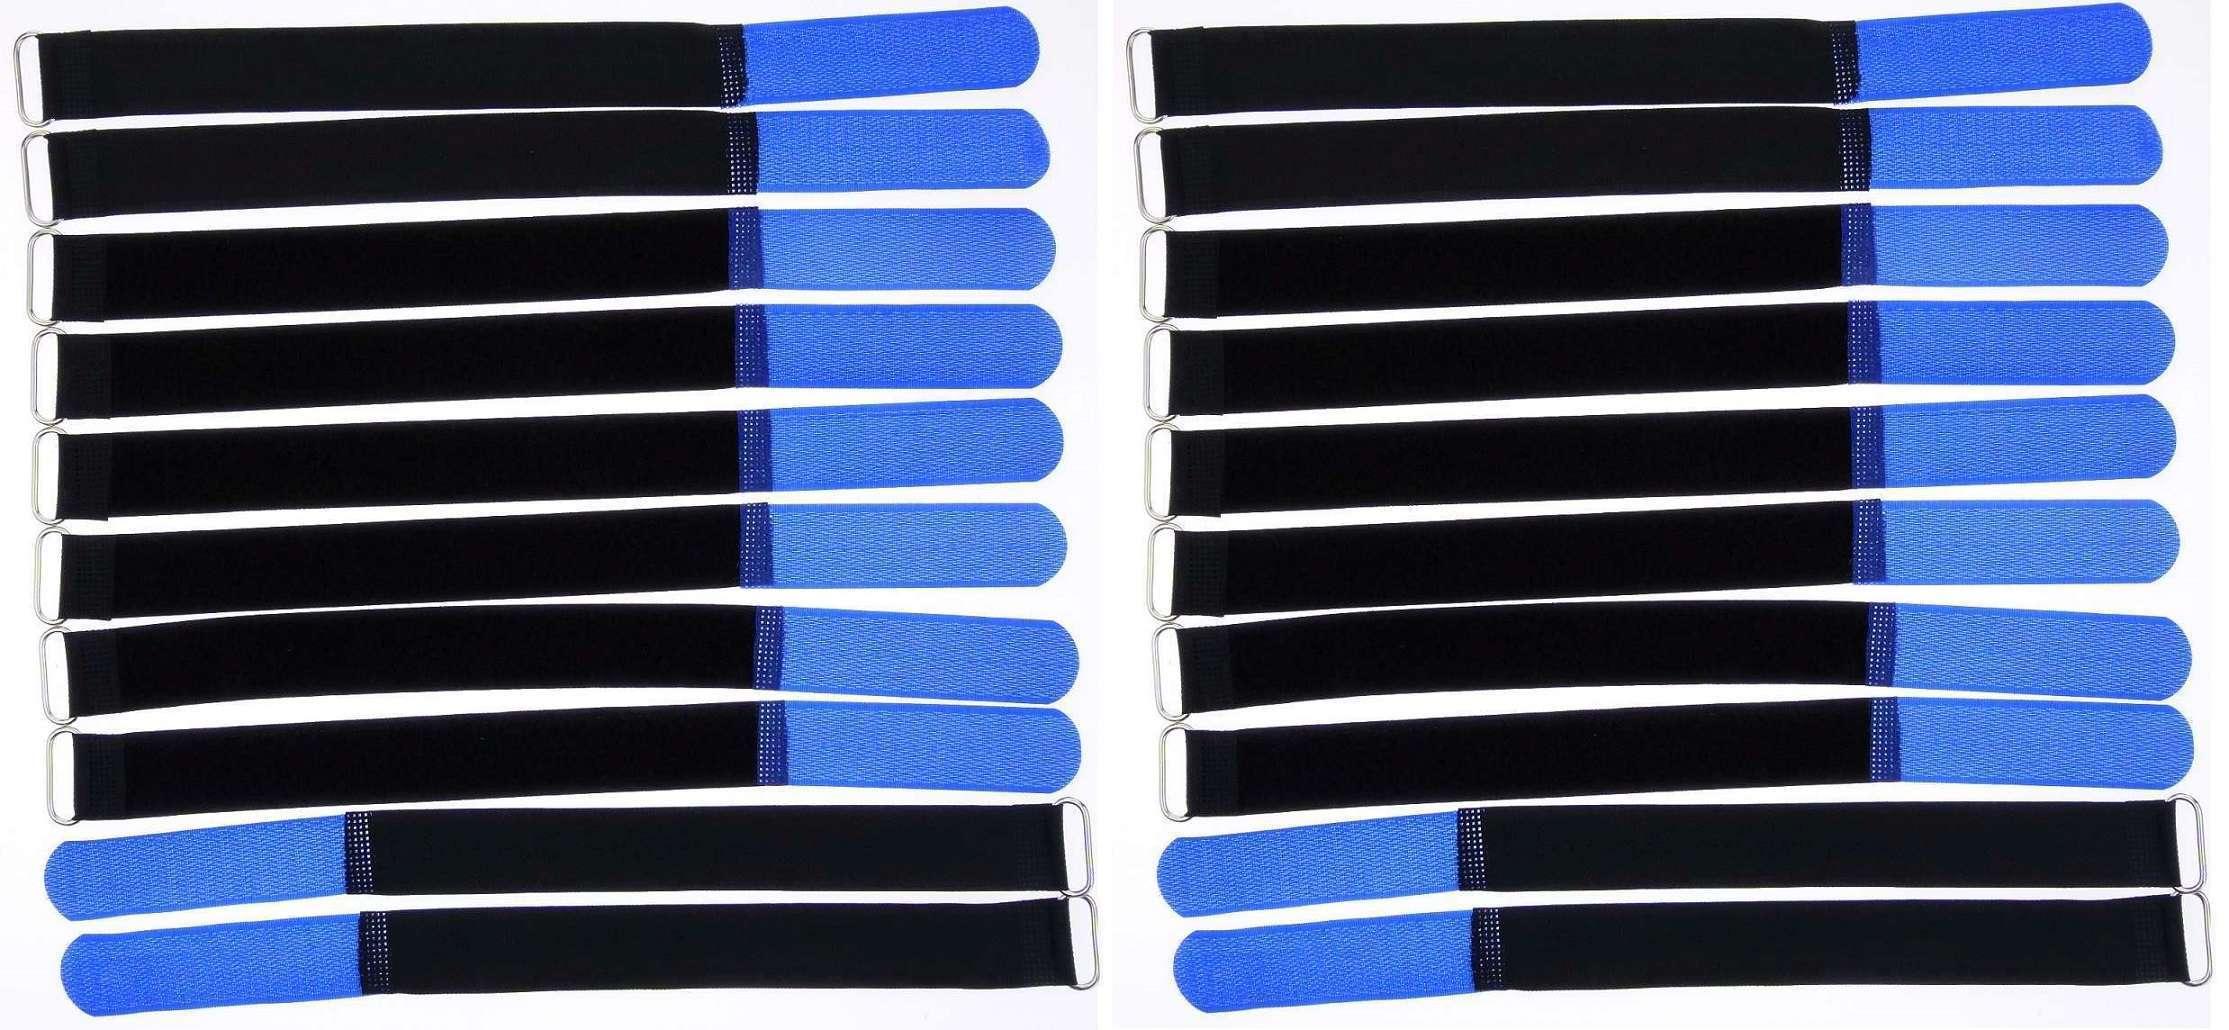 Drehstuhl Jupiter GT8CPT Ergo C6 Arbeitsdrehstuhl Bürostuhl Lehnstuhl Stuhl blau